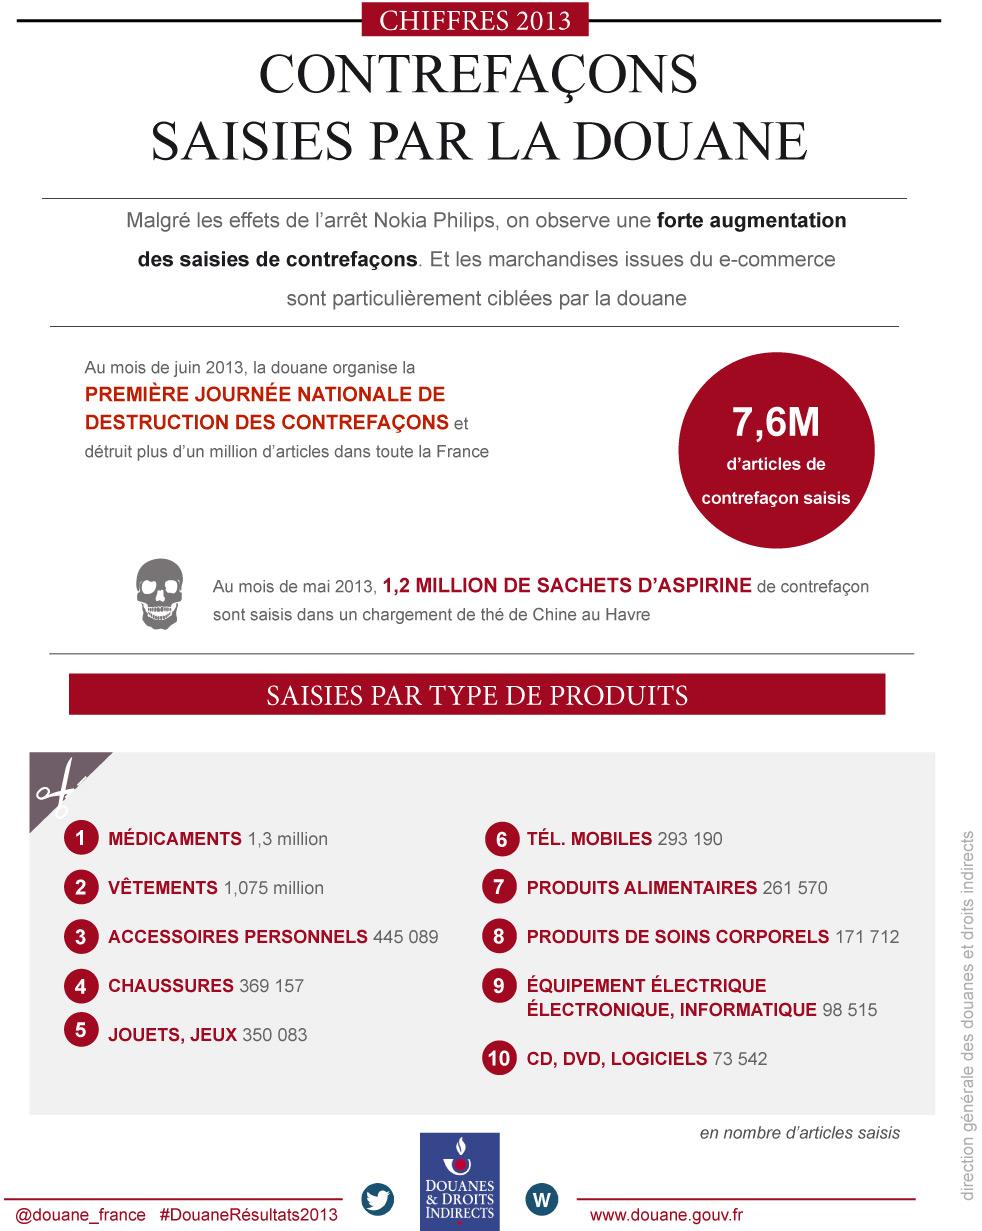 #DouaneRésultats2013_Infographie-Contrefaçon.jpg